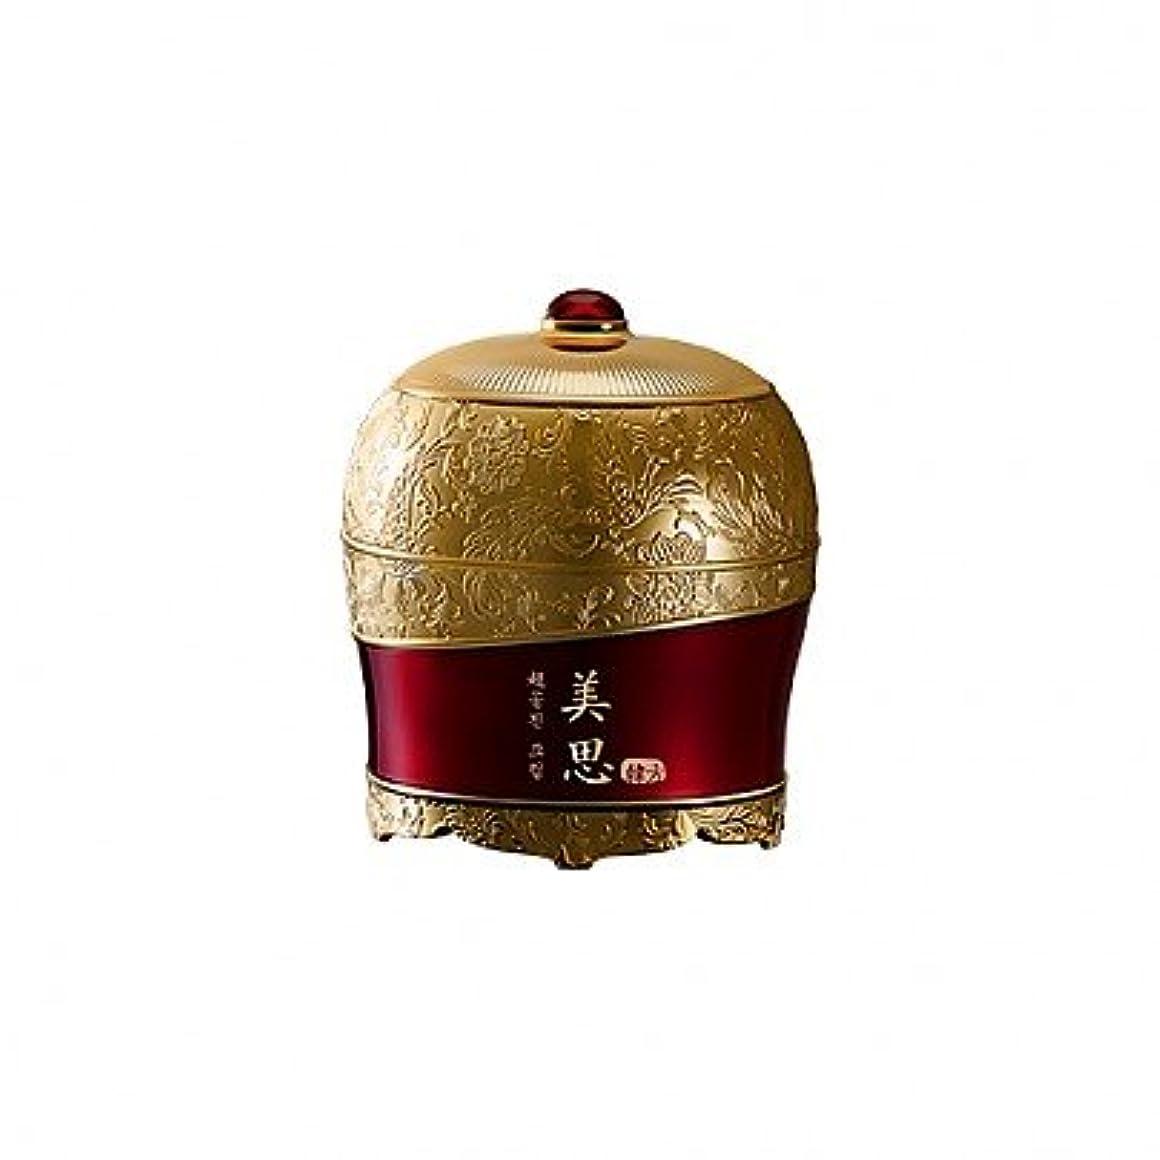 捧げるフィヨルド耐えるMISSHA/ミシャ チョゴンジン クリーム (旧チョボヤン) 60ml[海外直送品]